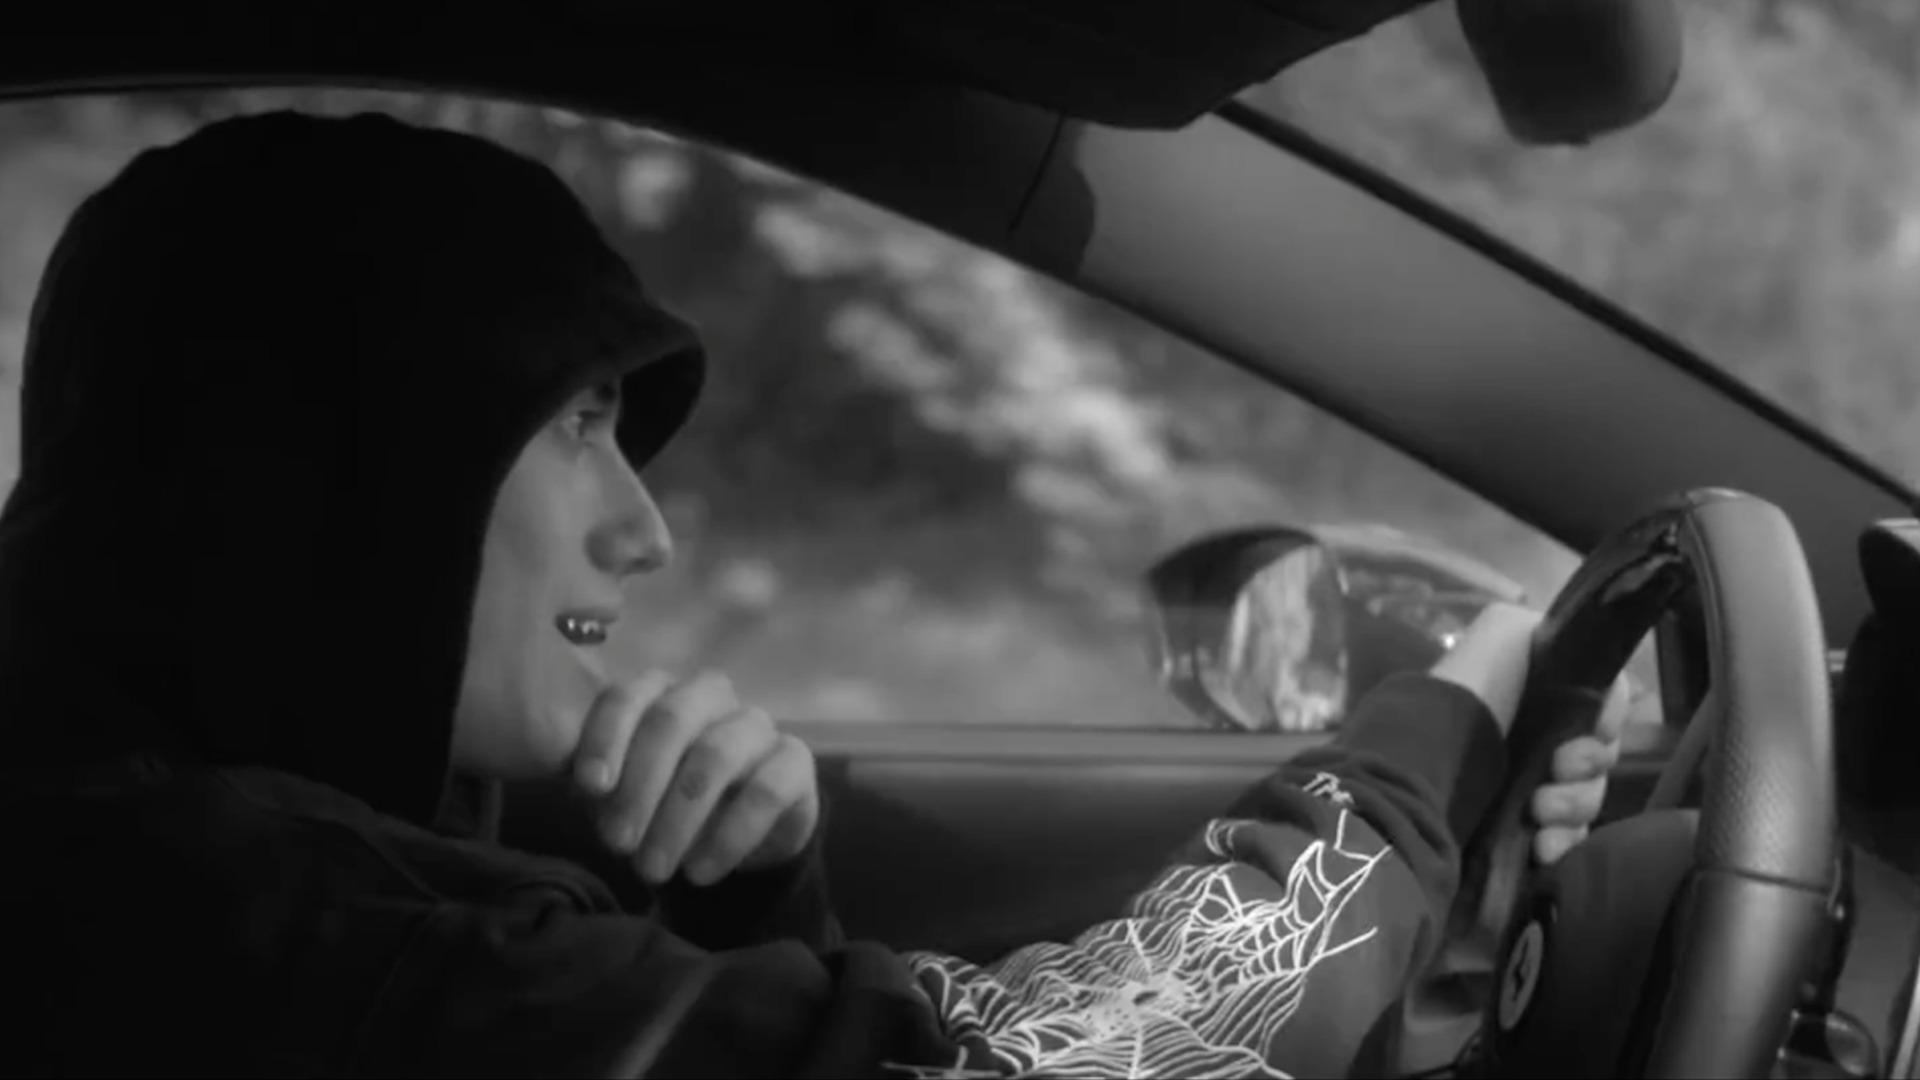 Samey sa vozí na Ferrari v čiernobielom videoklipe. Jeho druhý sólový projekt XYZ je oficiálne vonku